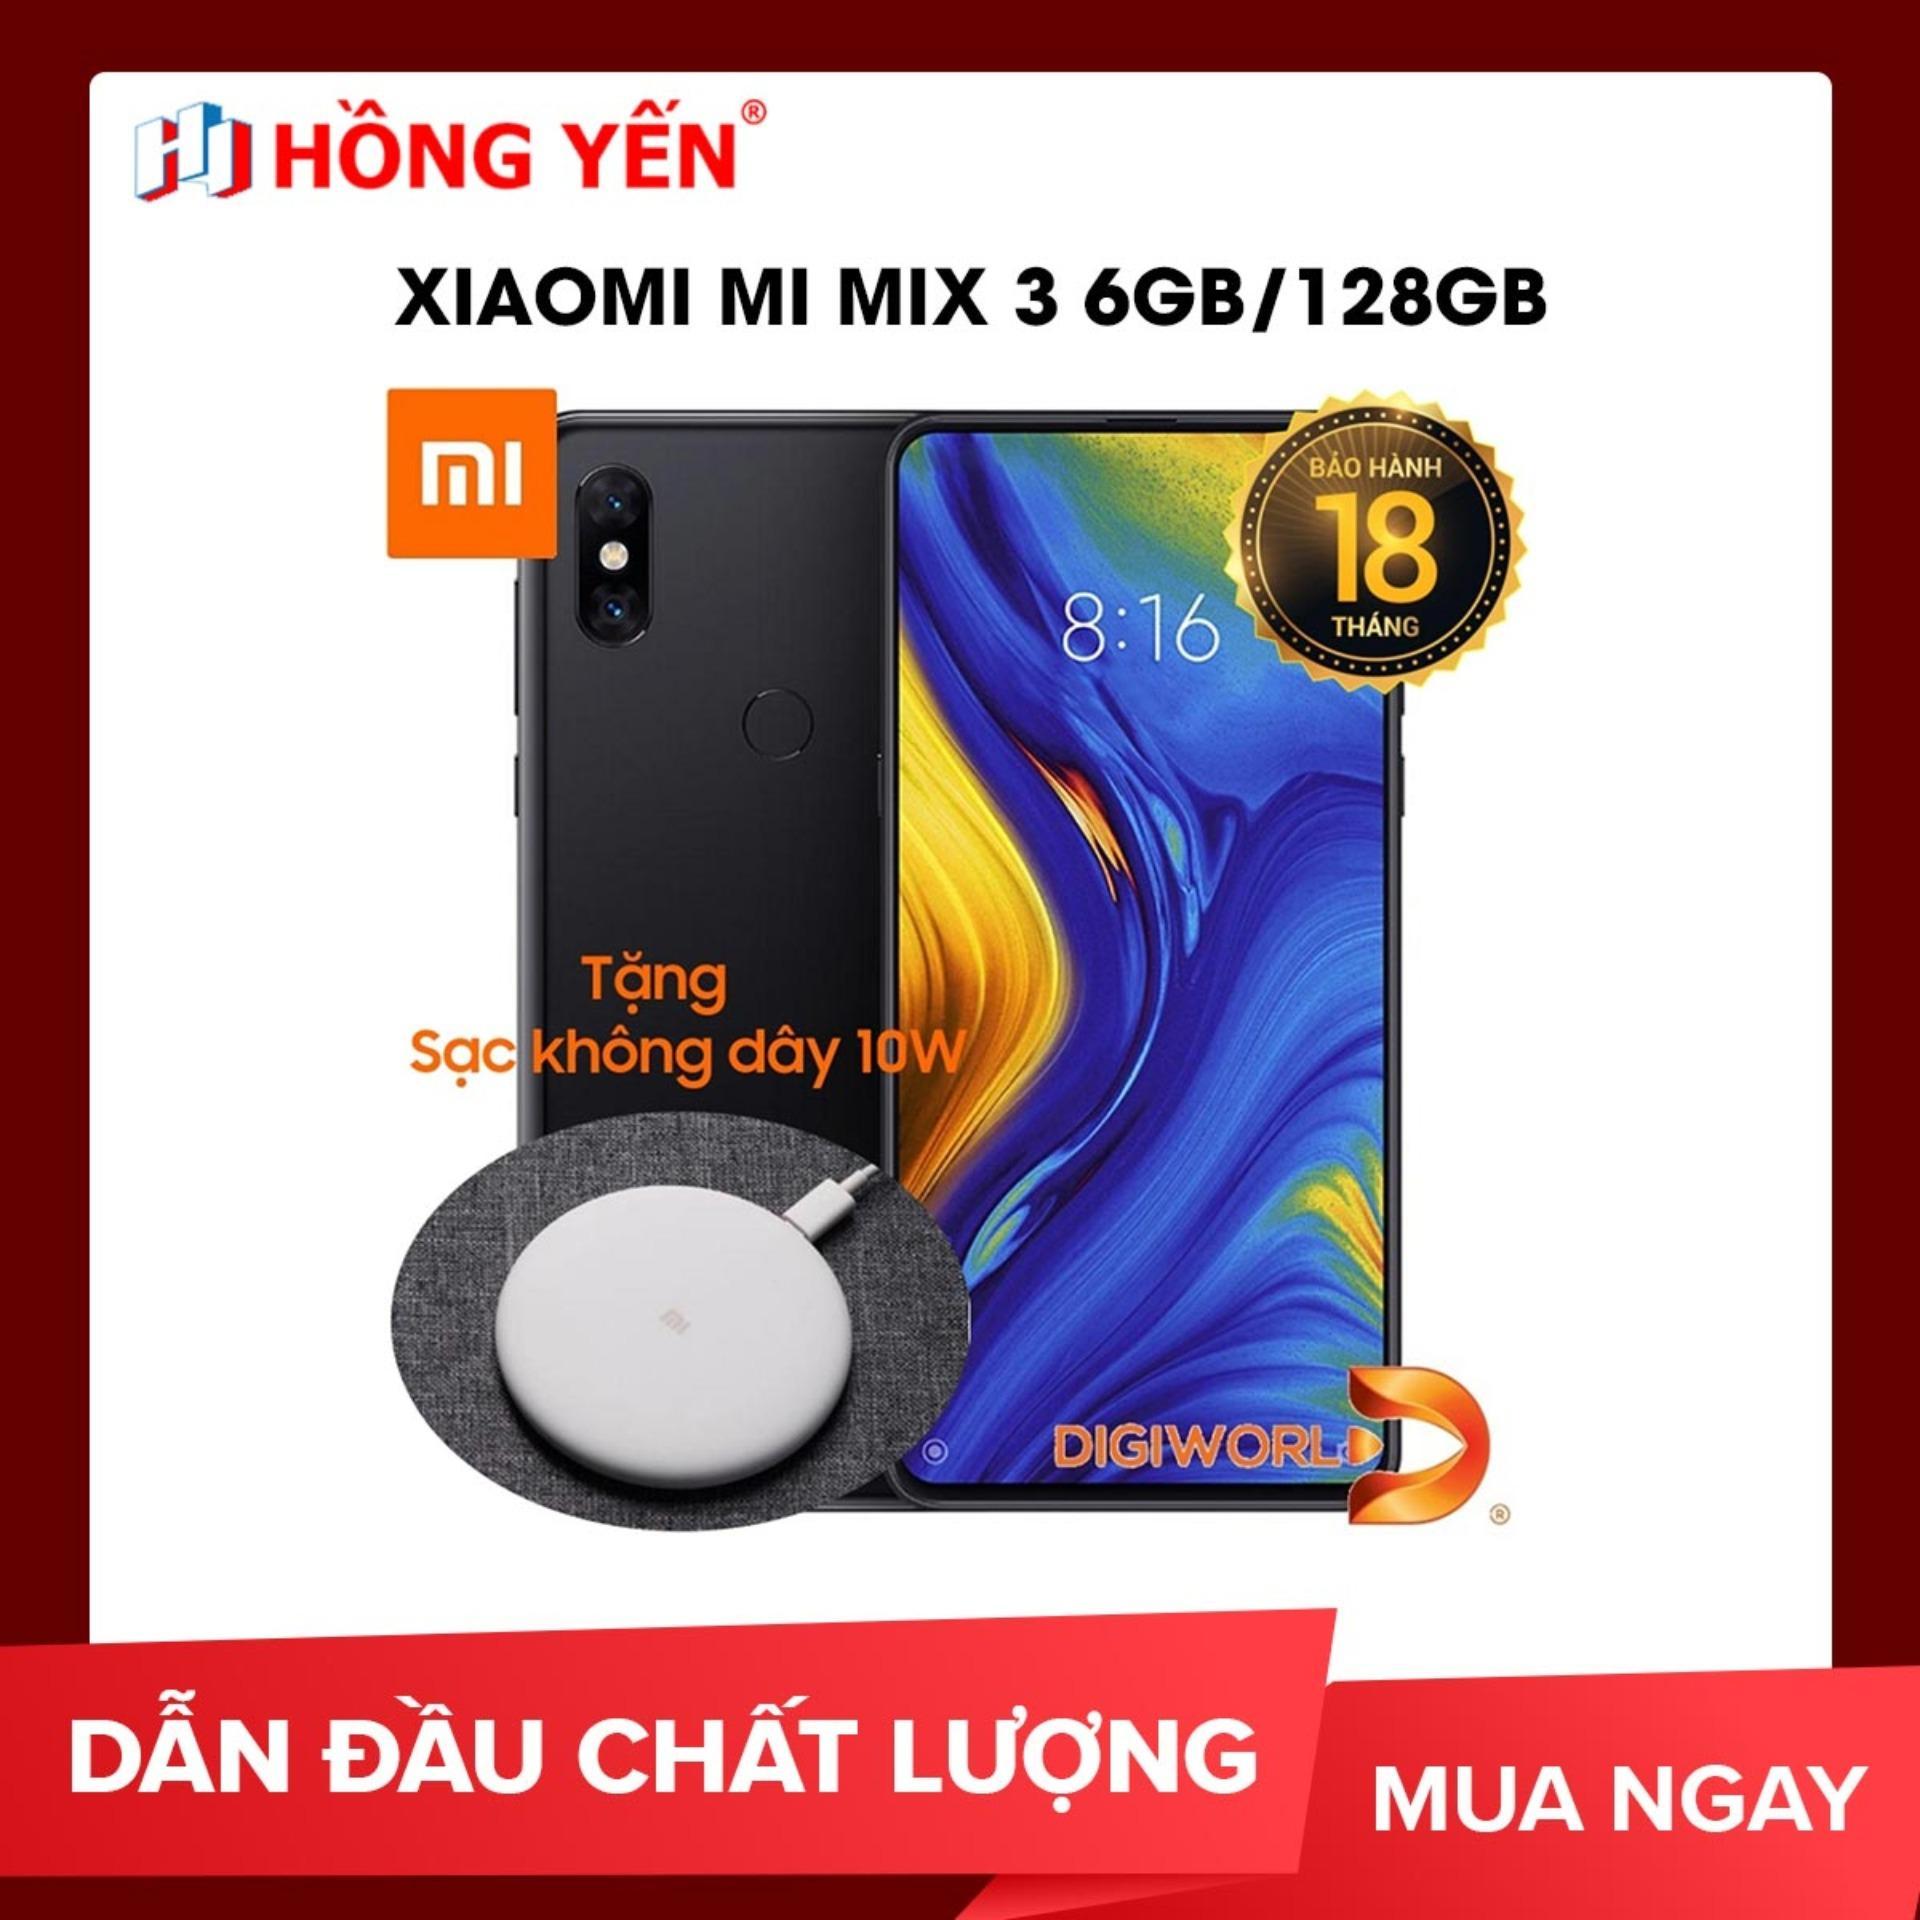 Xiaomi Mi Mix 3 6GB/128GB - Hãng phân phối chính thức